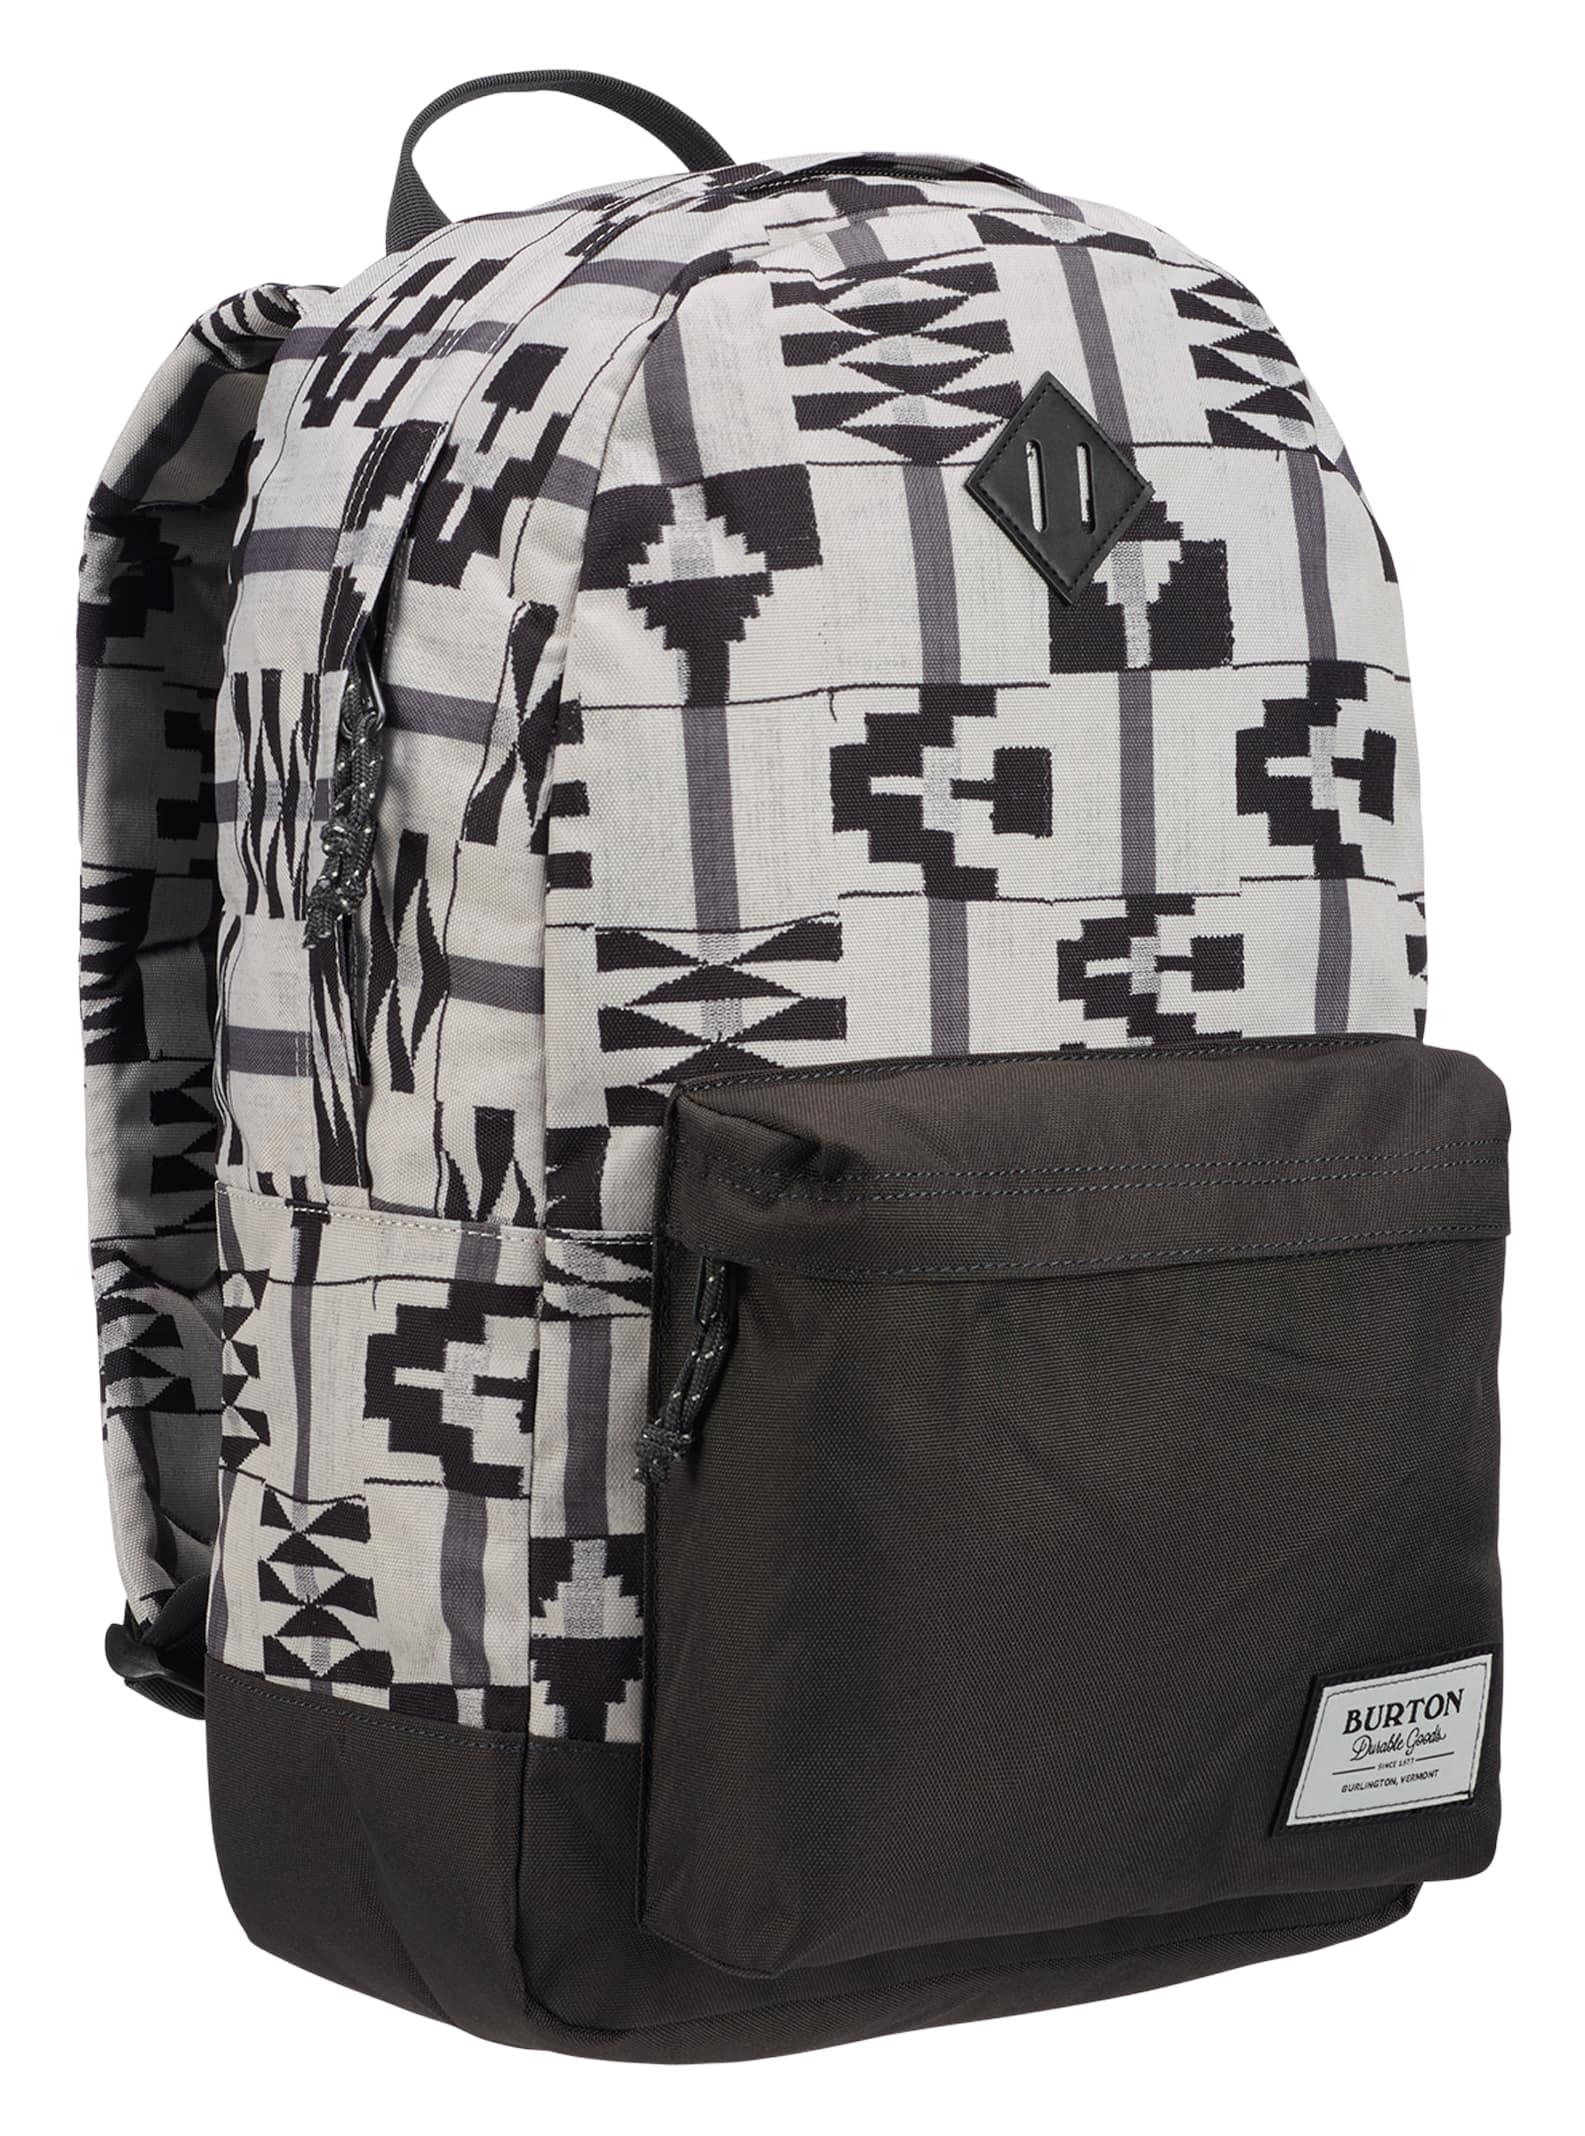 86cc3954aa9f Bags